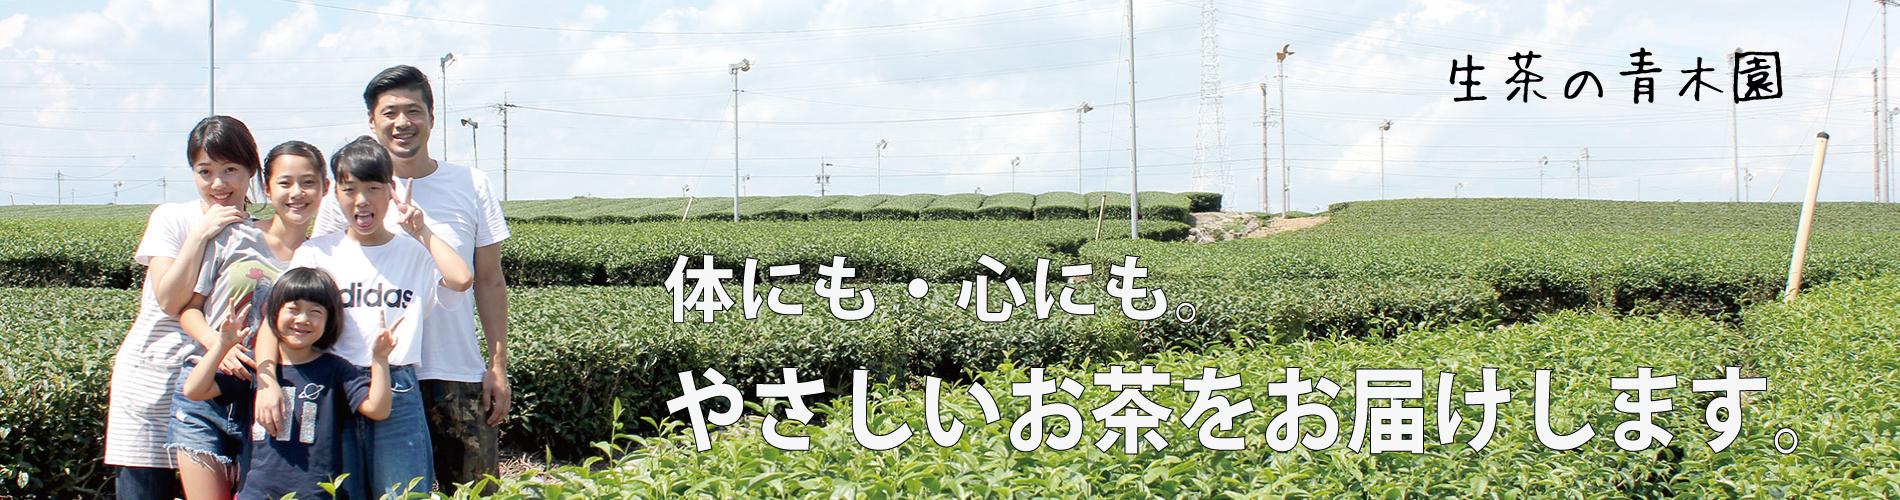 体にも心にもやさしいお茶を静岡より送料無料でお届けします